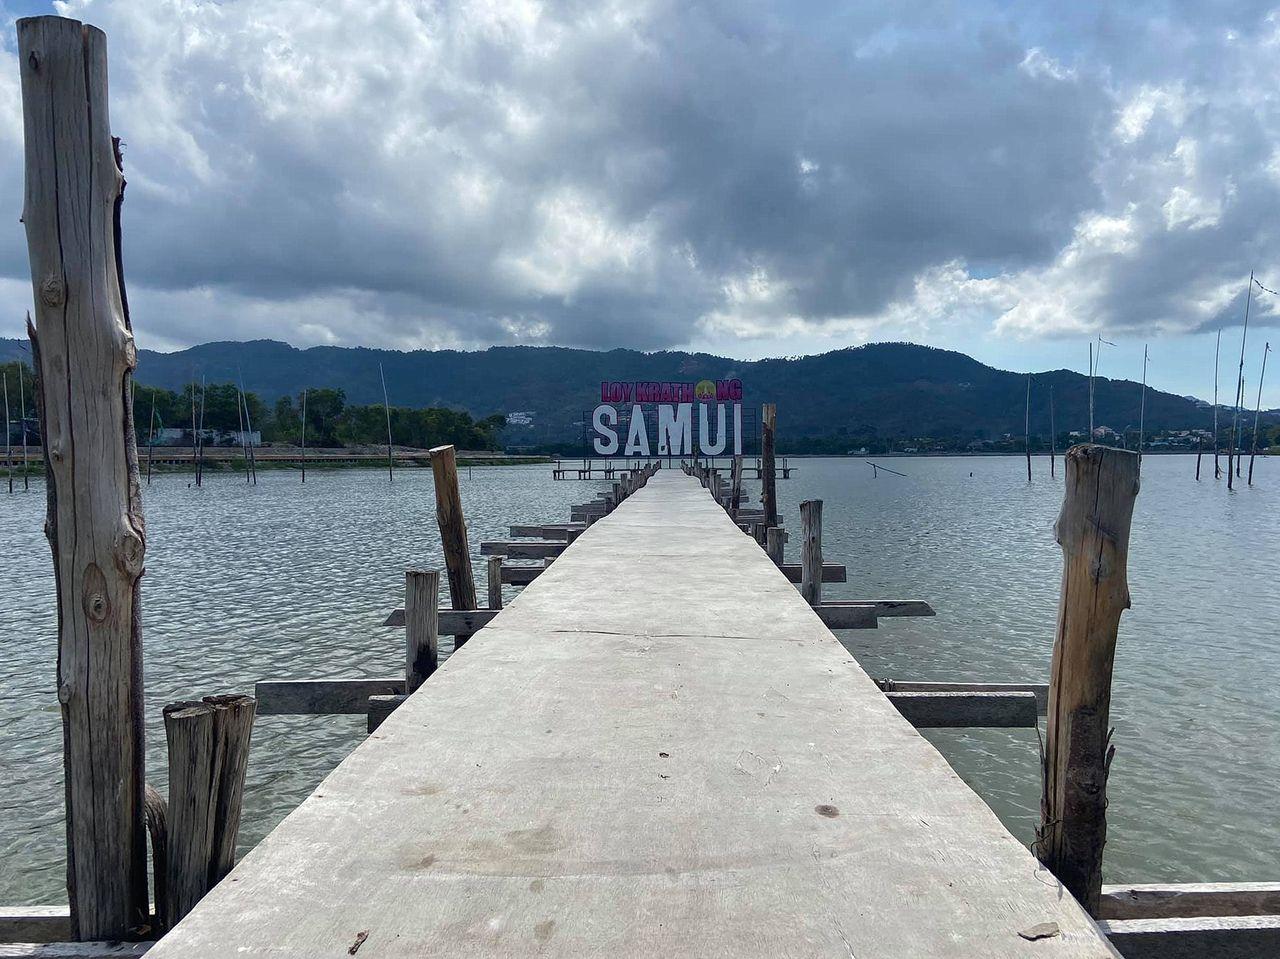 samuilake_4.jpg